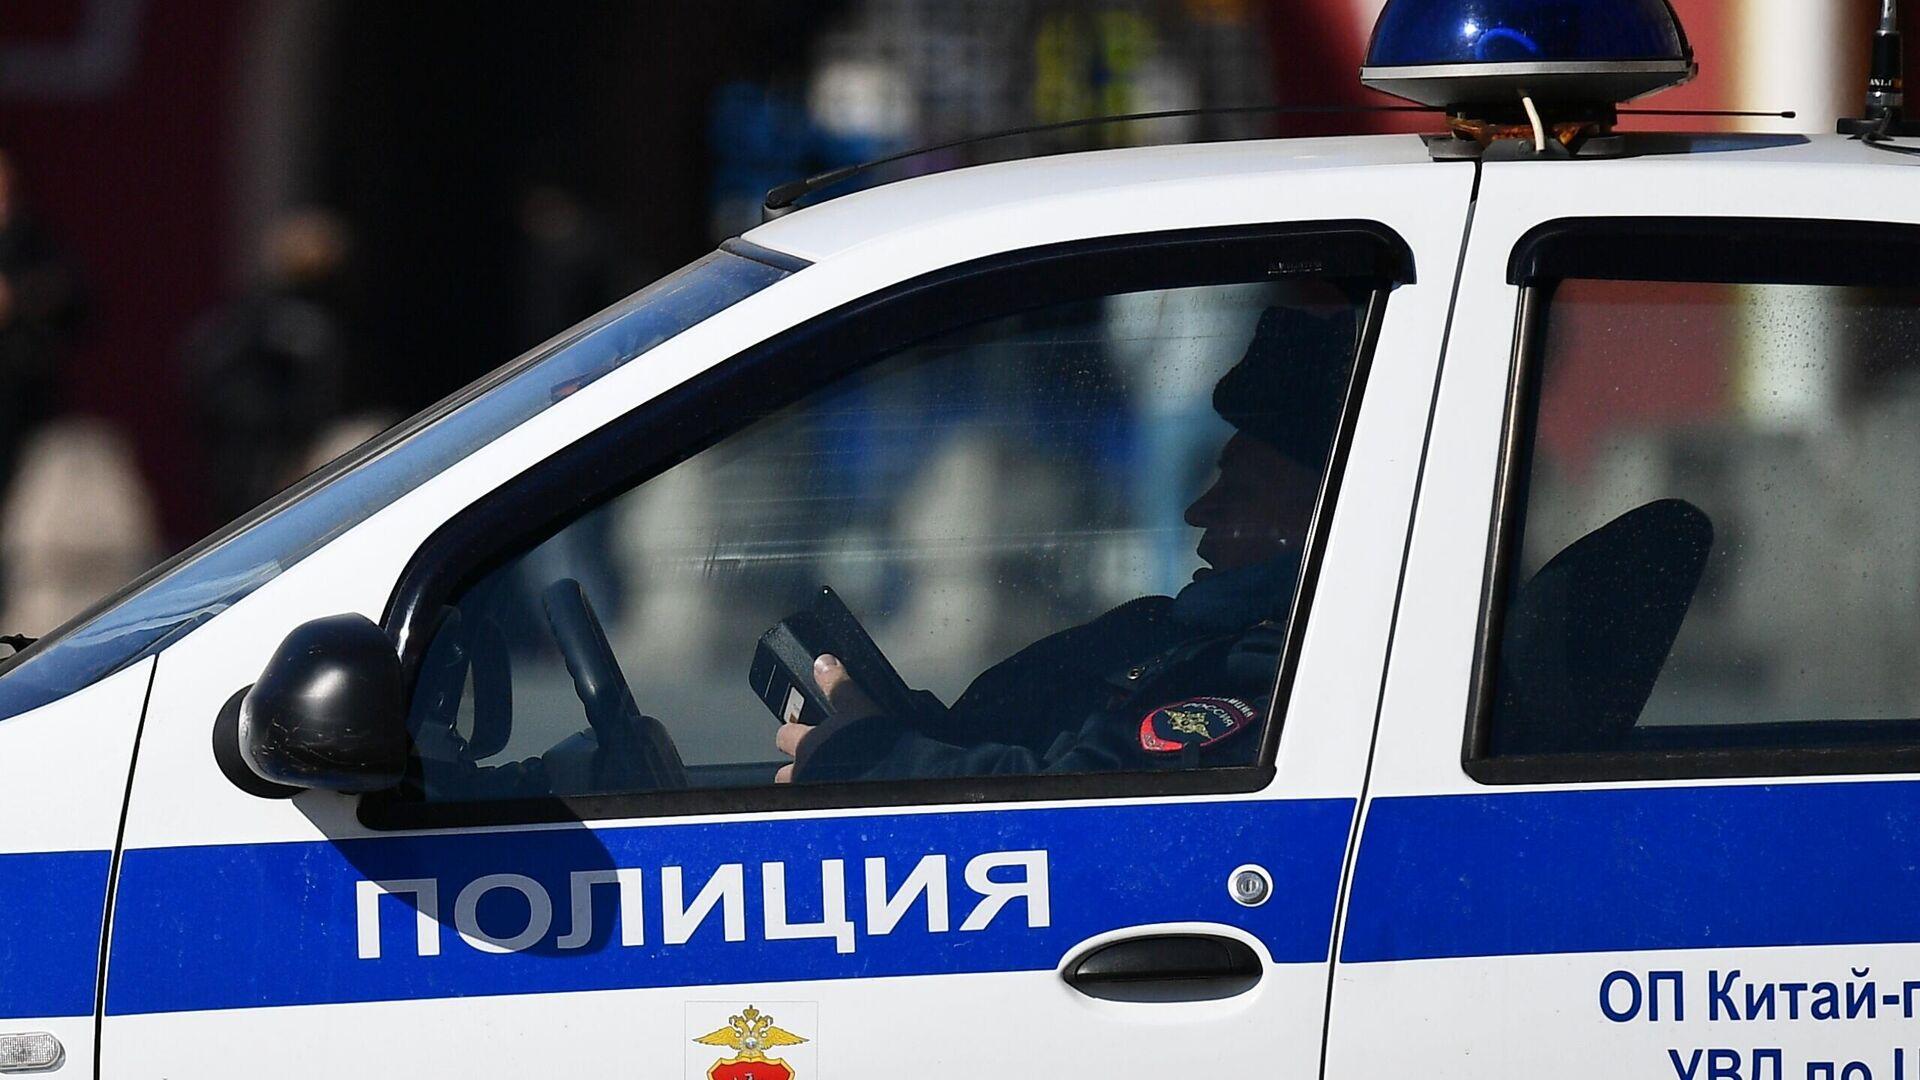 Сотрудник правоохранительных органов в полицейской машине в центре Москвы - РИА Новости, 1920, 26.09.2020